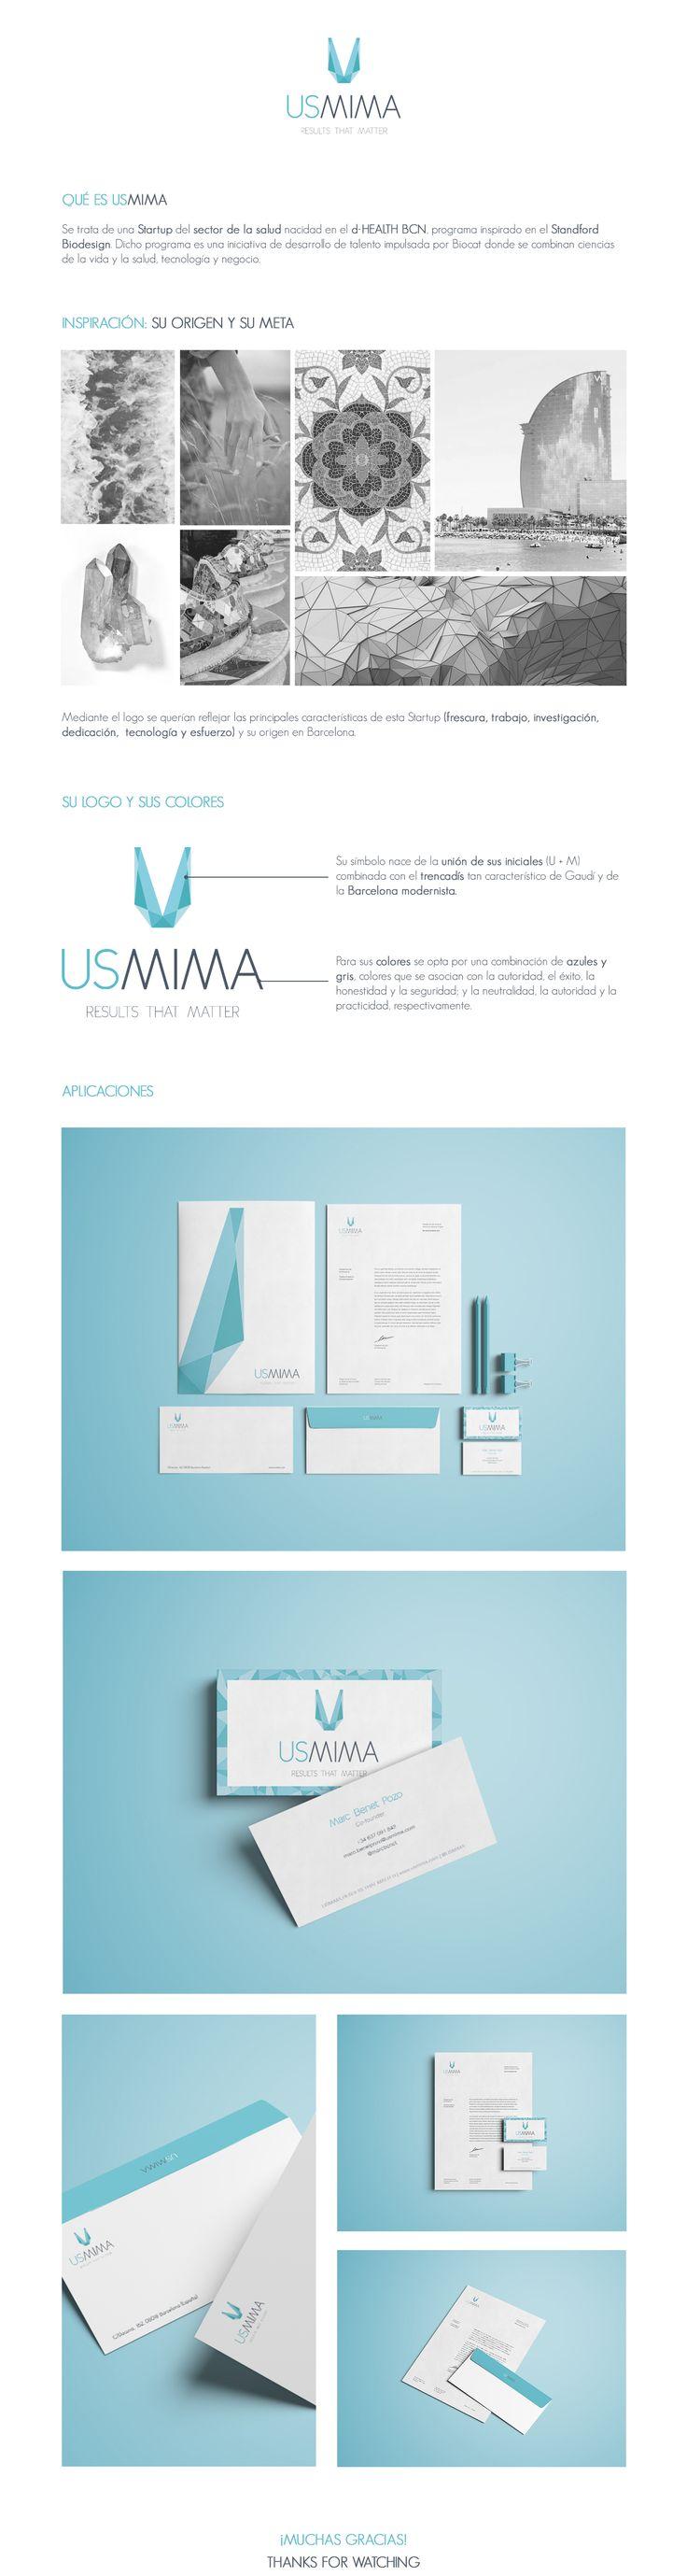 Usmima Logo on Behance